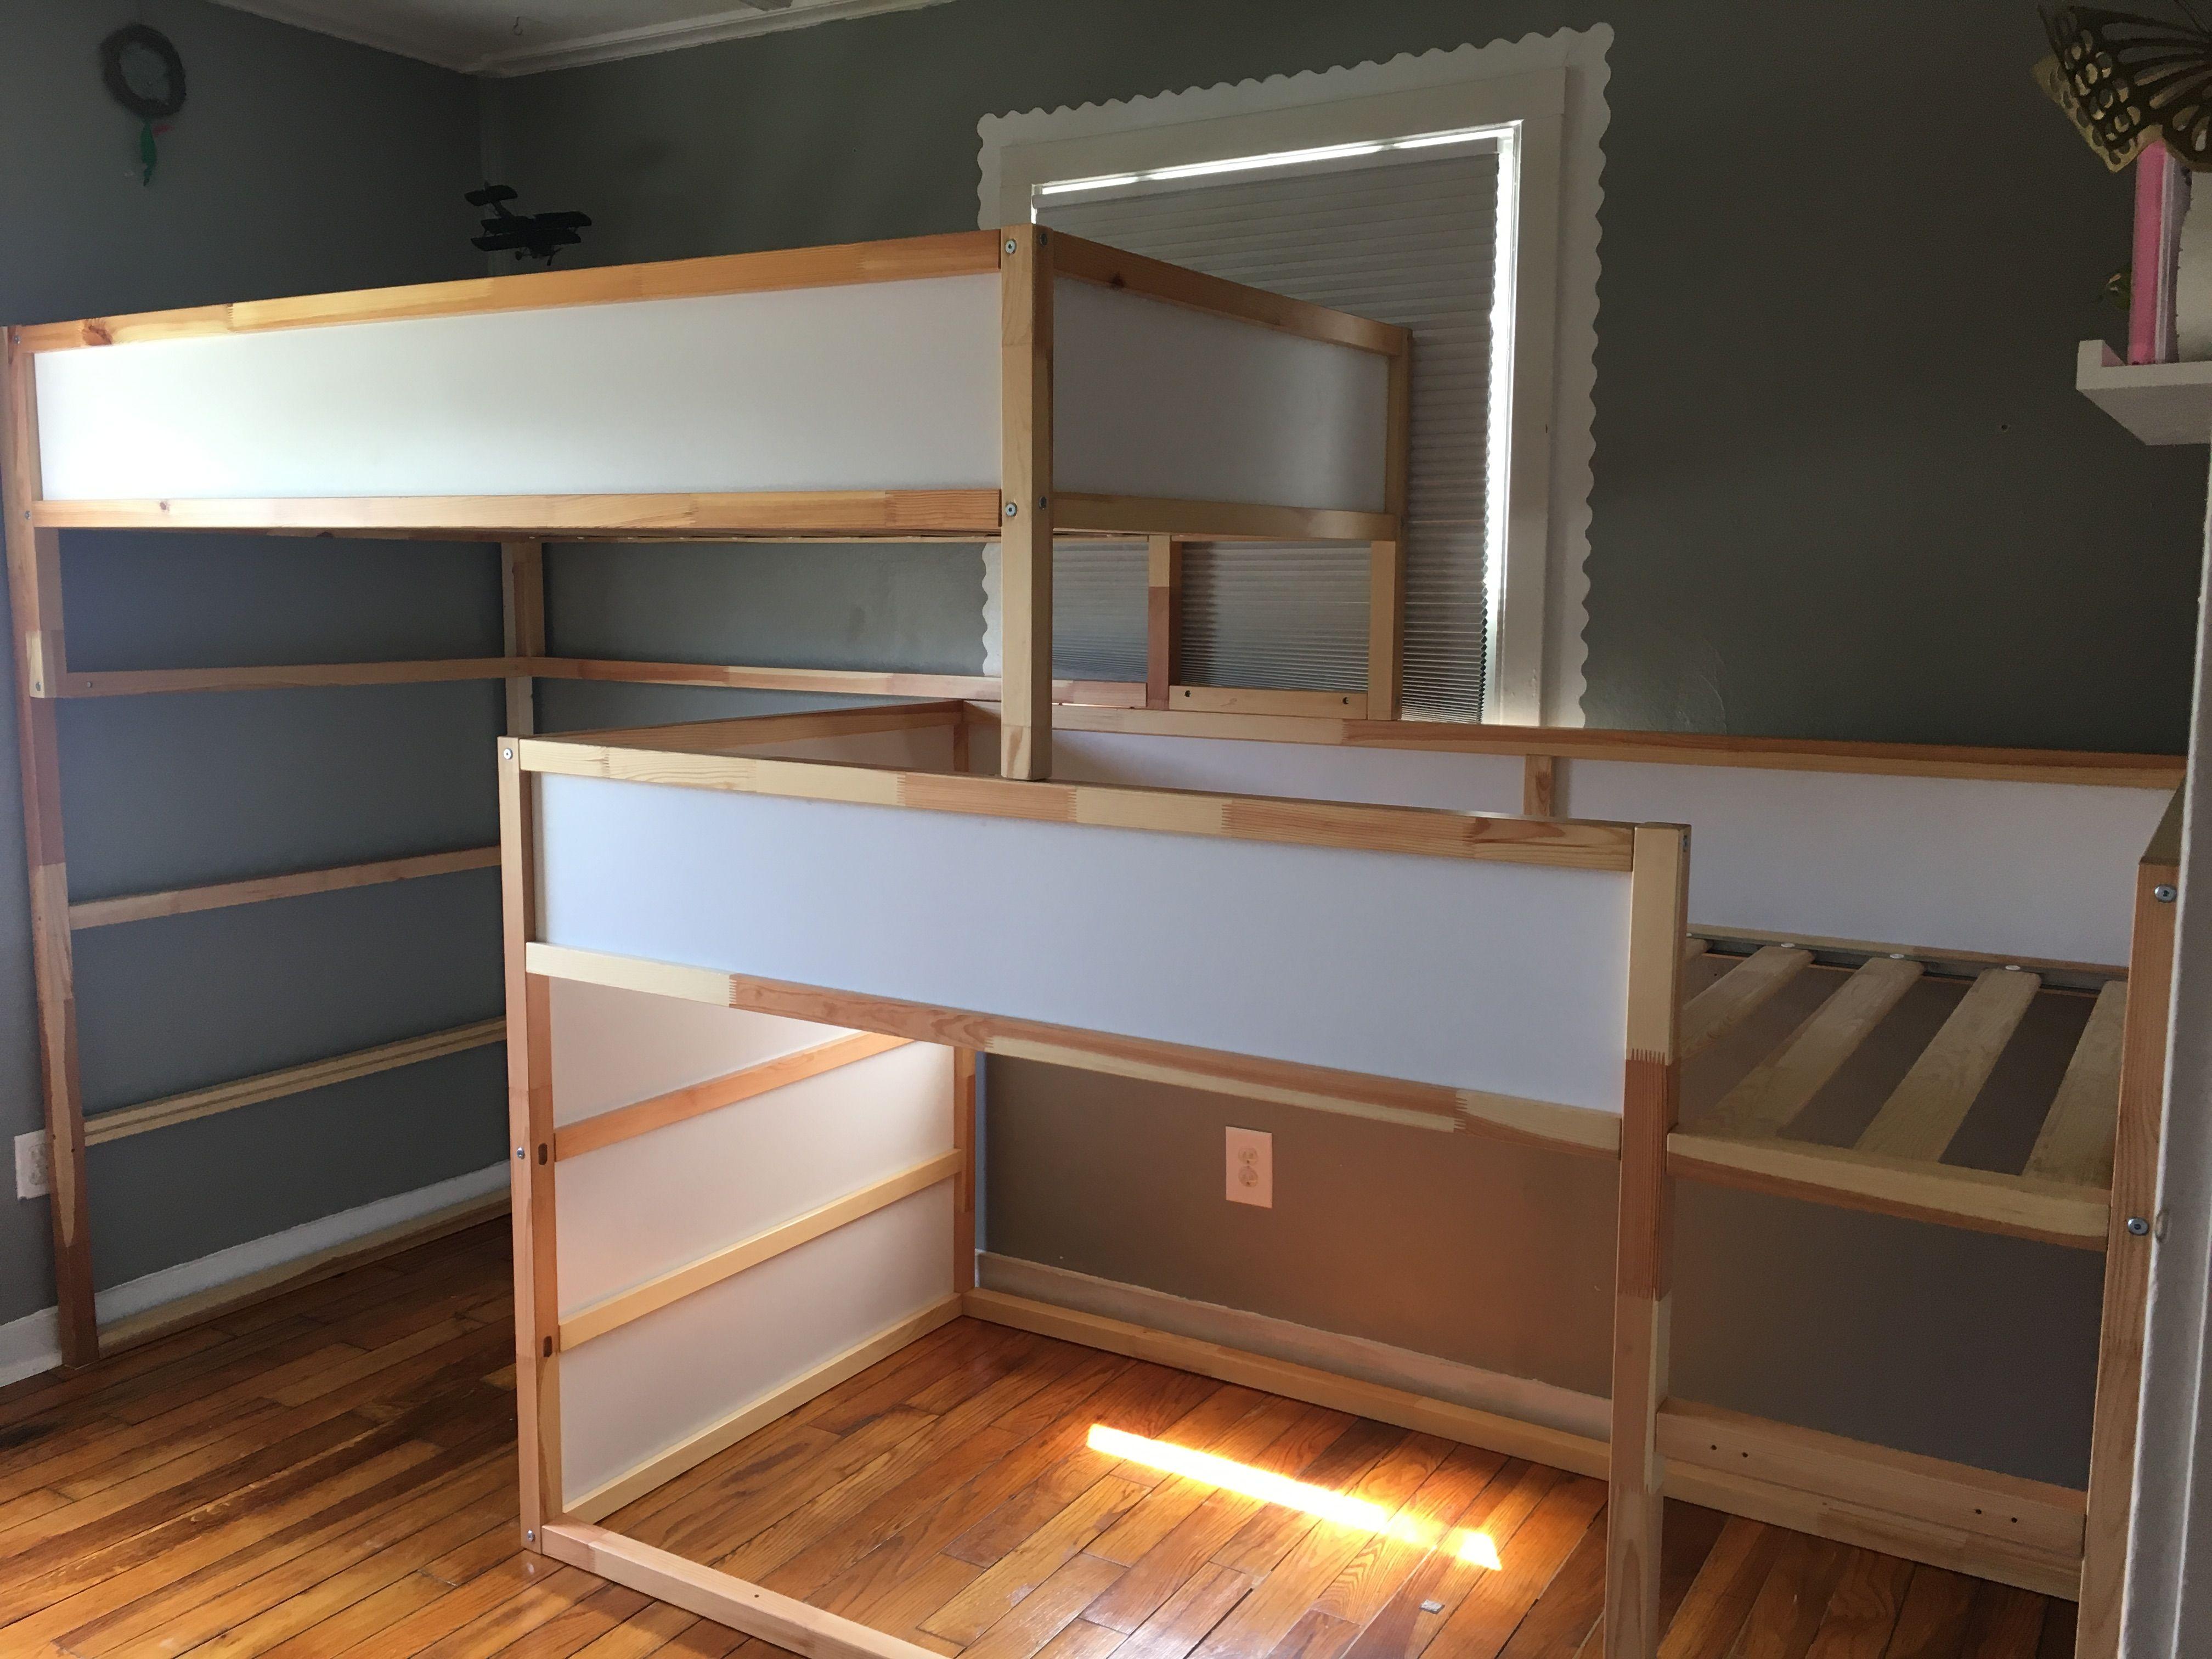 Ikea Kura Triple Bunk Bed Hack Diy Bunk Bed Triple Bunk Bed